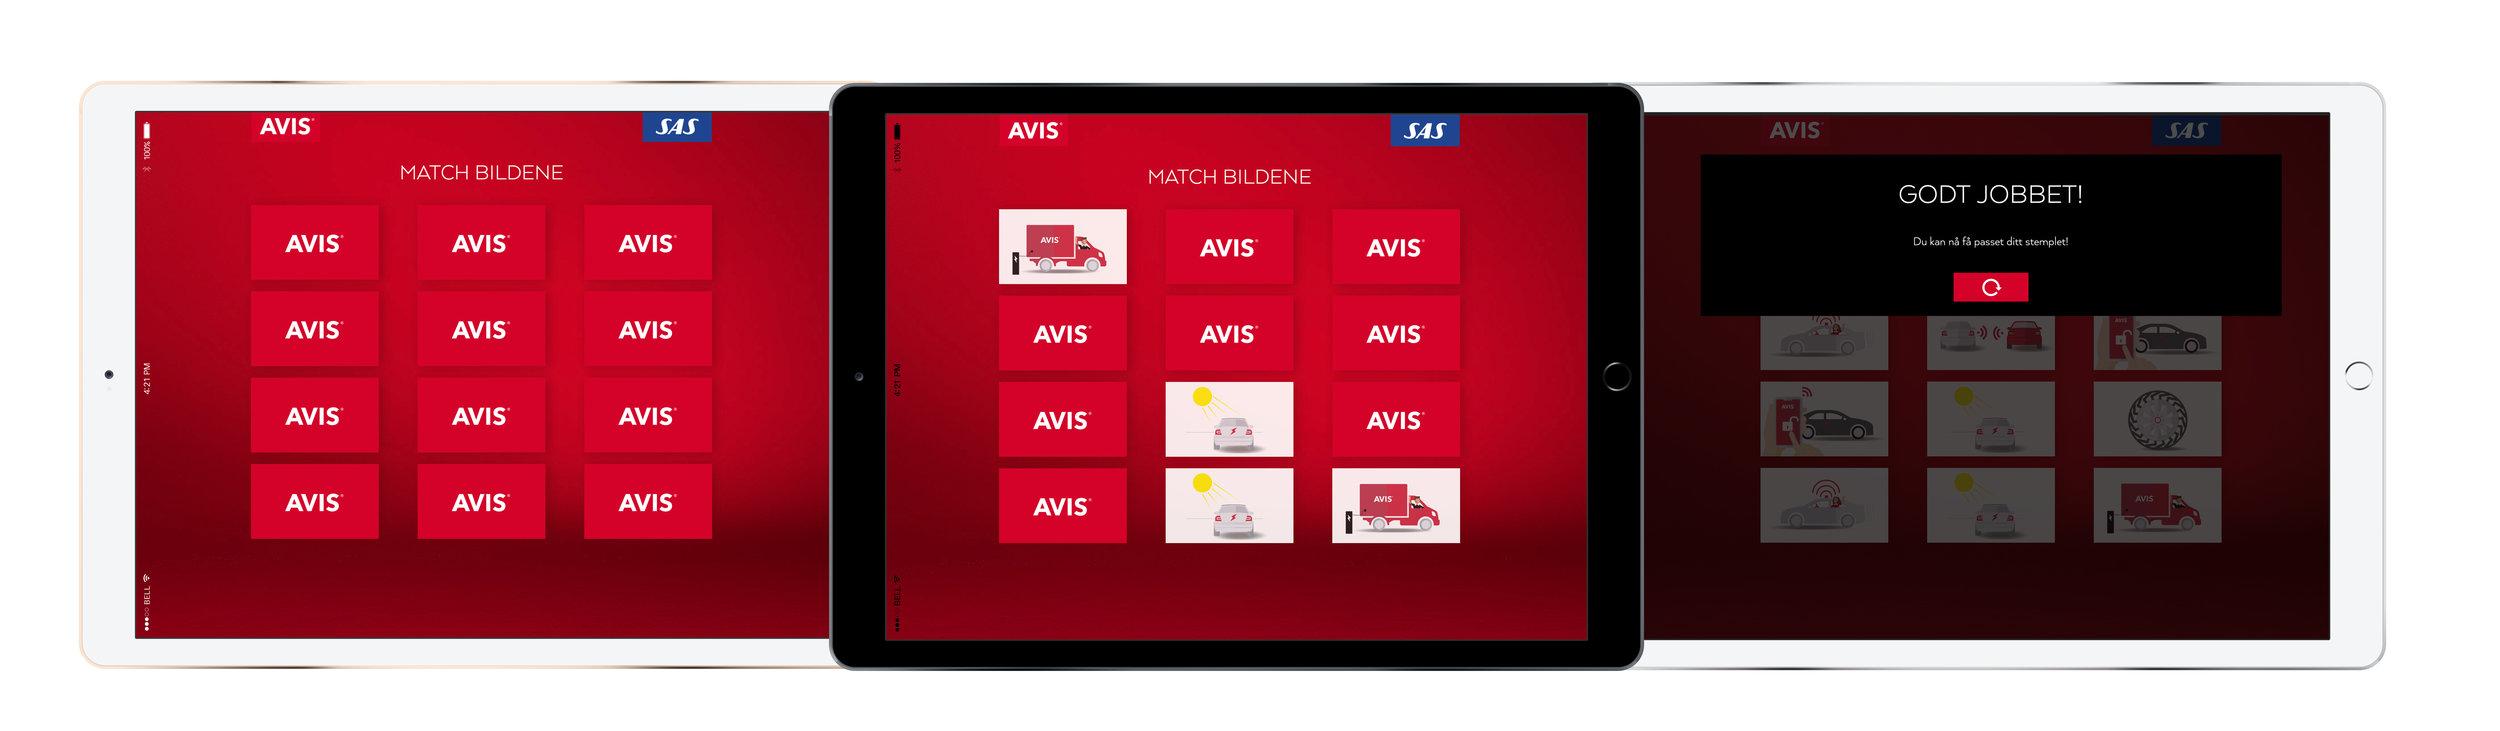 iPad-Pro-Mockup-avis game.jpg